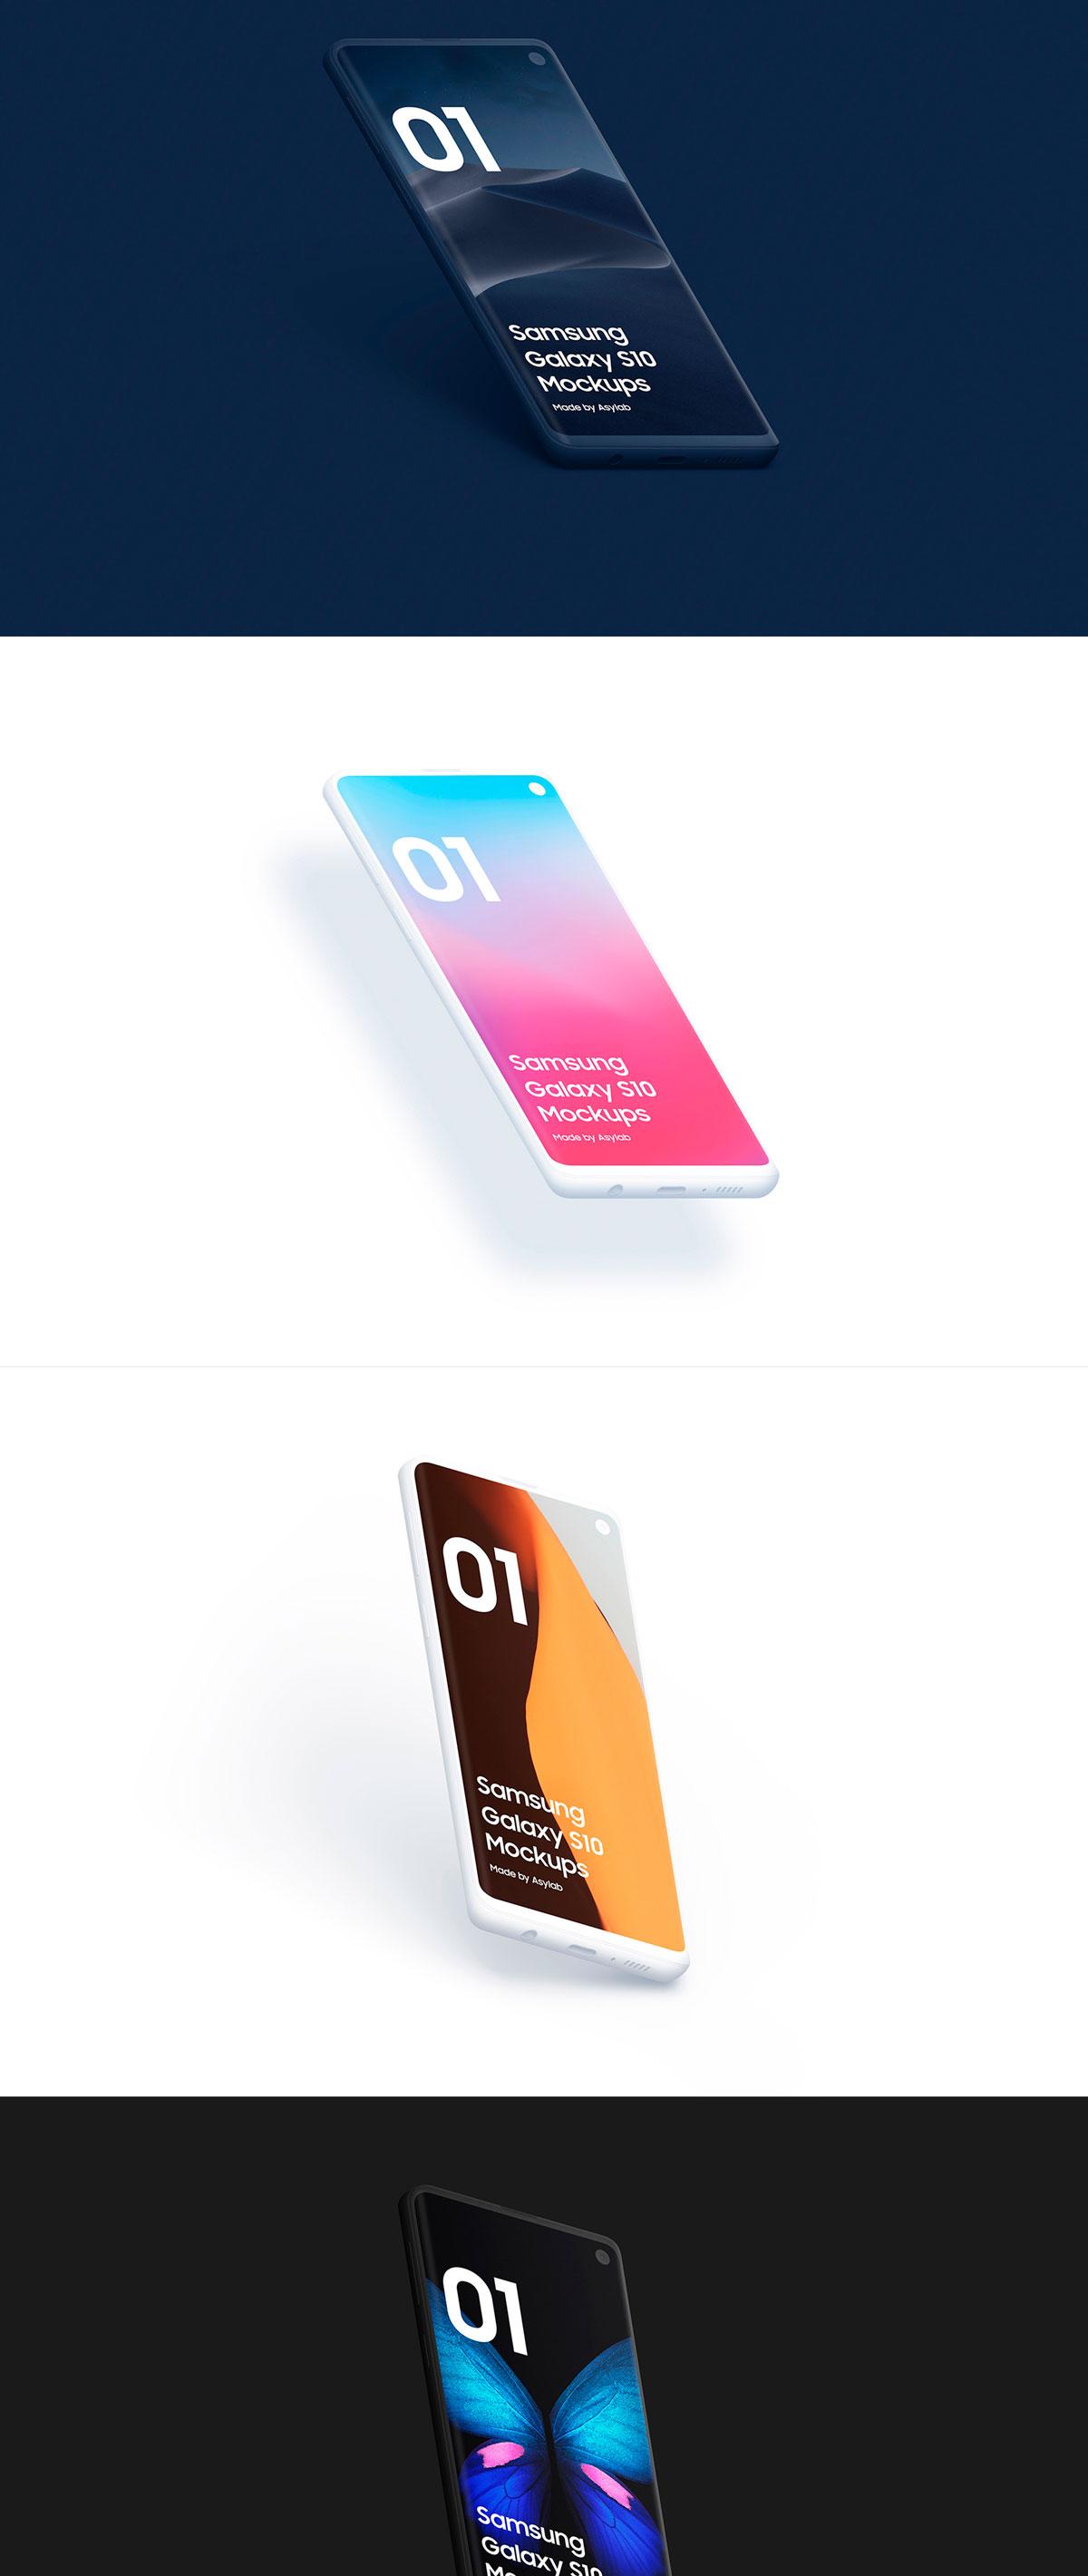 陶瓷质感三星Galaxy S10智能手机样机模板 Samsung Galaxy S10 – 21 Clay Mockups插图(14)